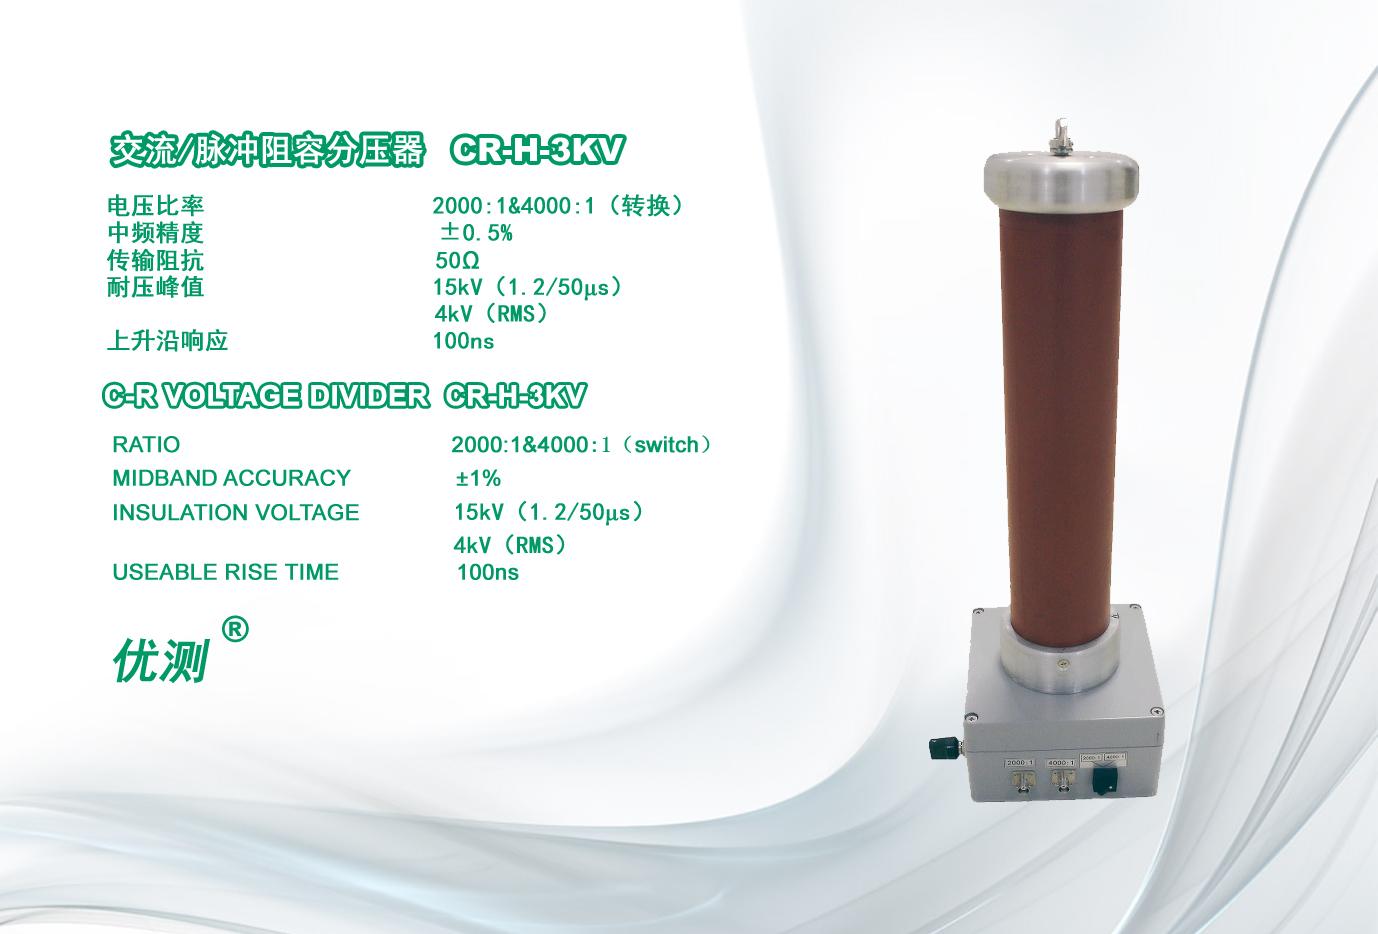 交流/脉冲阻容式分压器